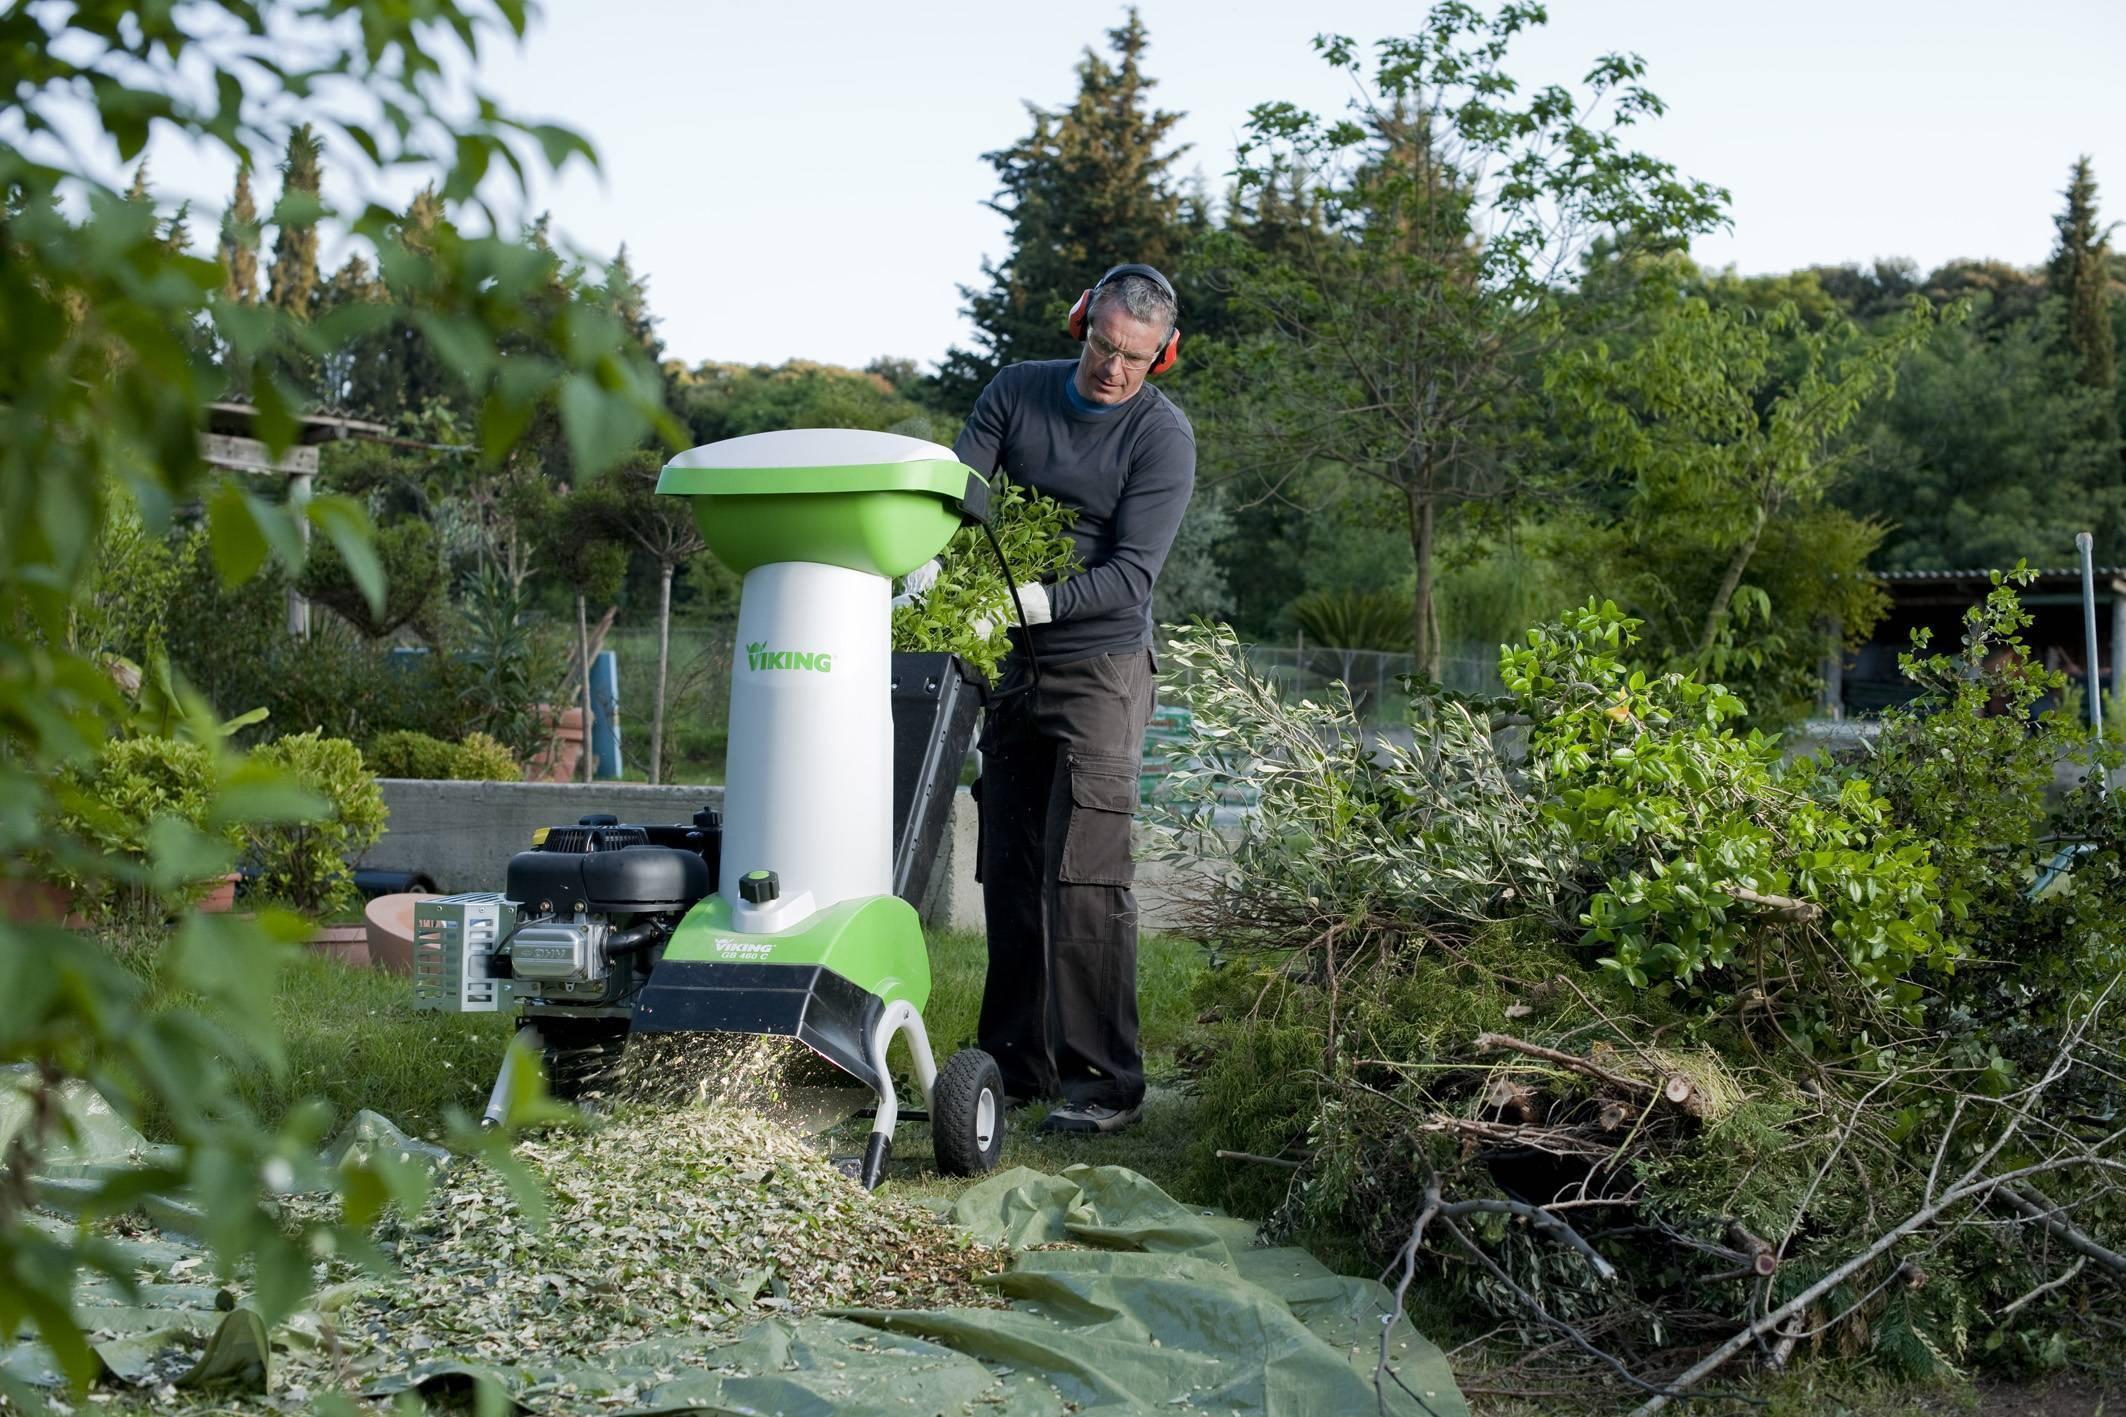 Выбираем садовый электрический измельчитель веток — рейтинг, лучшие модели